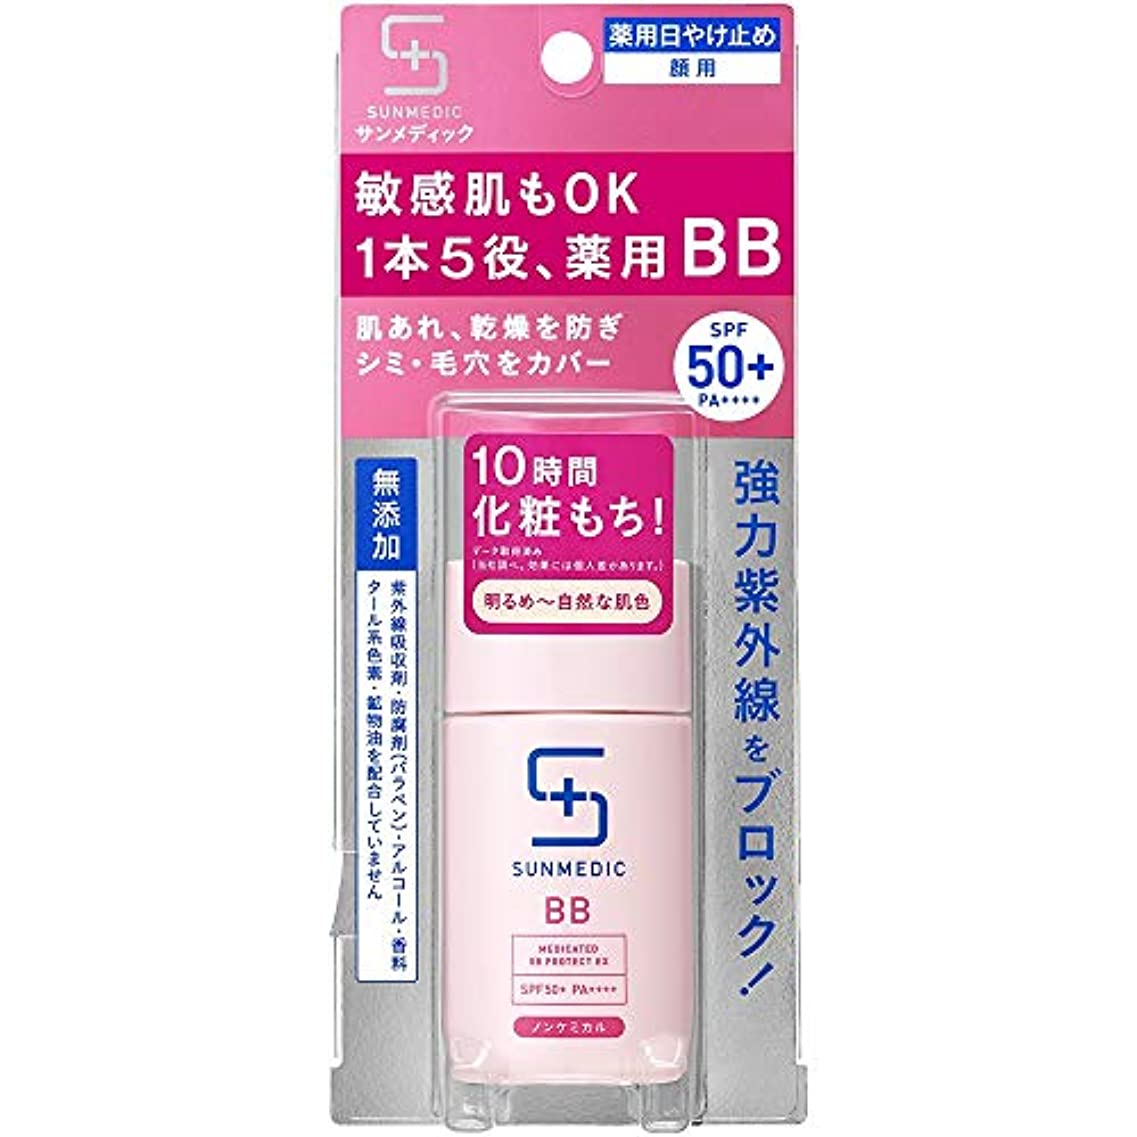 迷惑診療所冷蔵するサンメディックUV 薬用BBプロテクトEX ライト 30ml (医薬部外品)